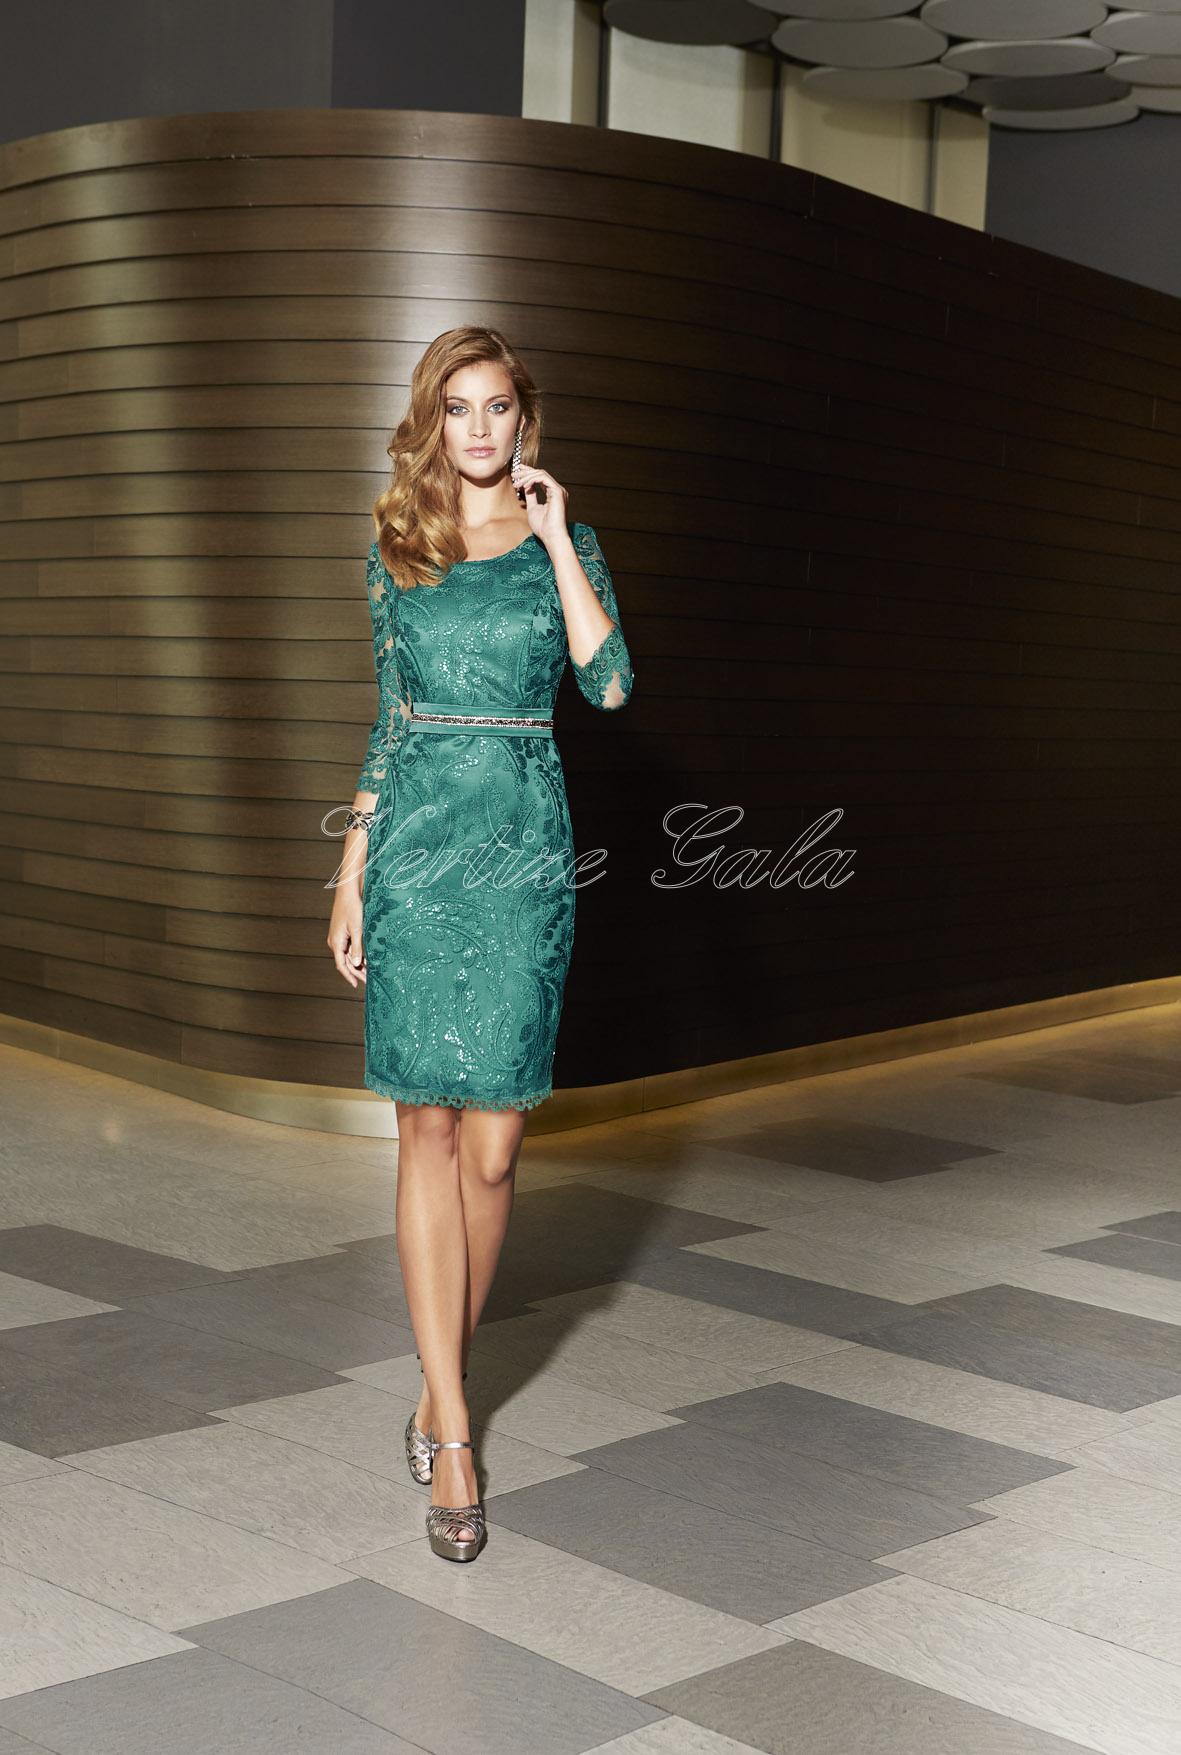 Coleccion Nati Jimenez Factory Talla Grande Vertize Gala 2016 Vertize Gala